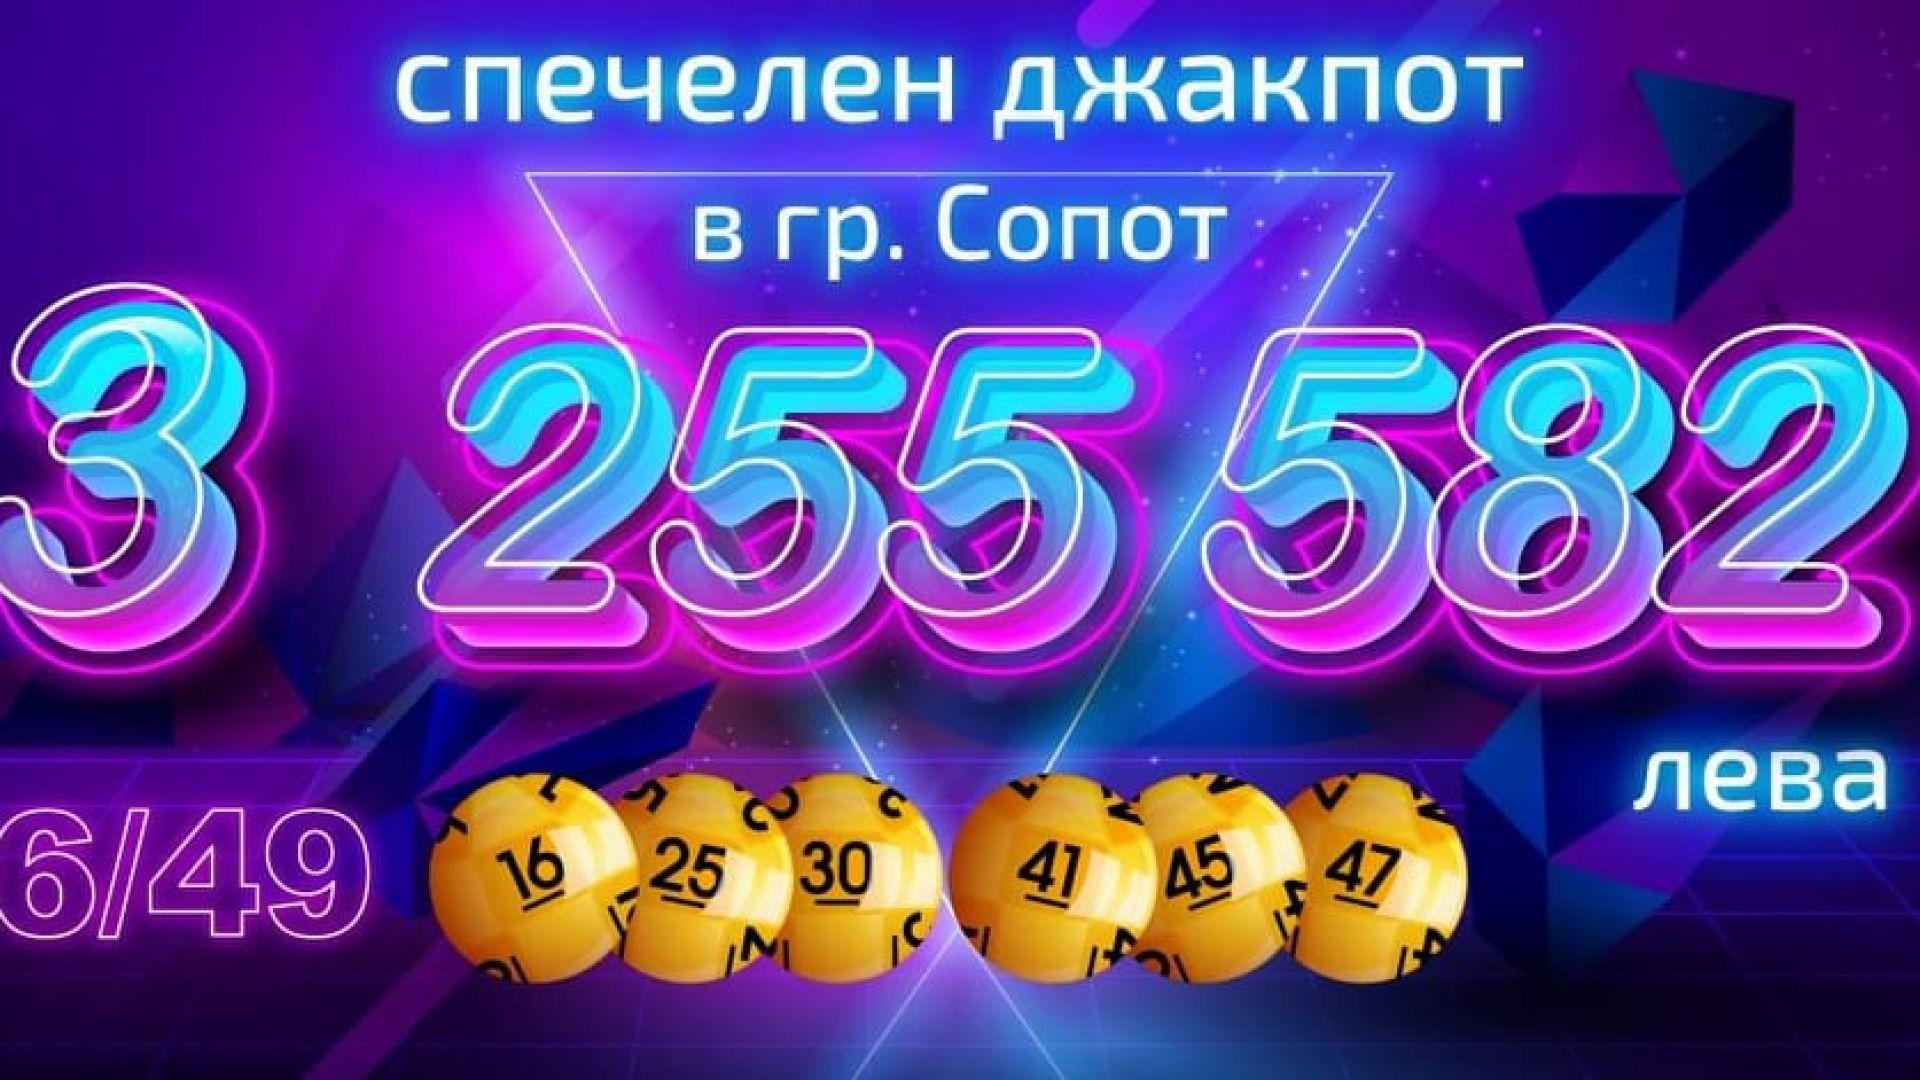 Играч от Сопот стана милионер с фиш от 4,70 лева